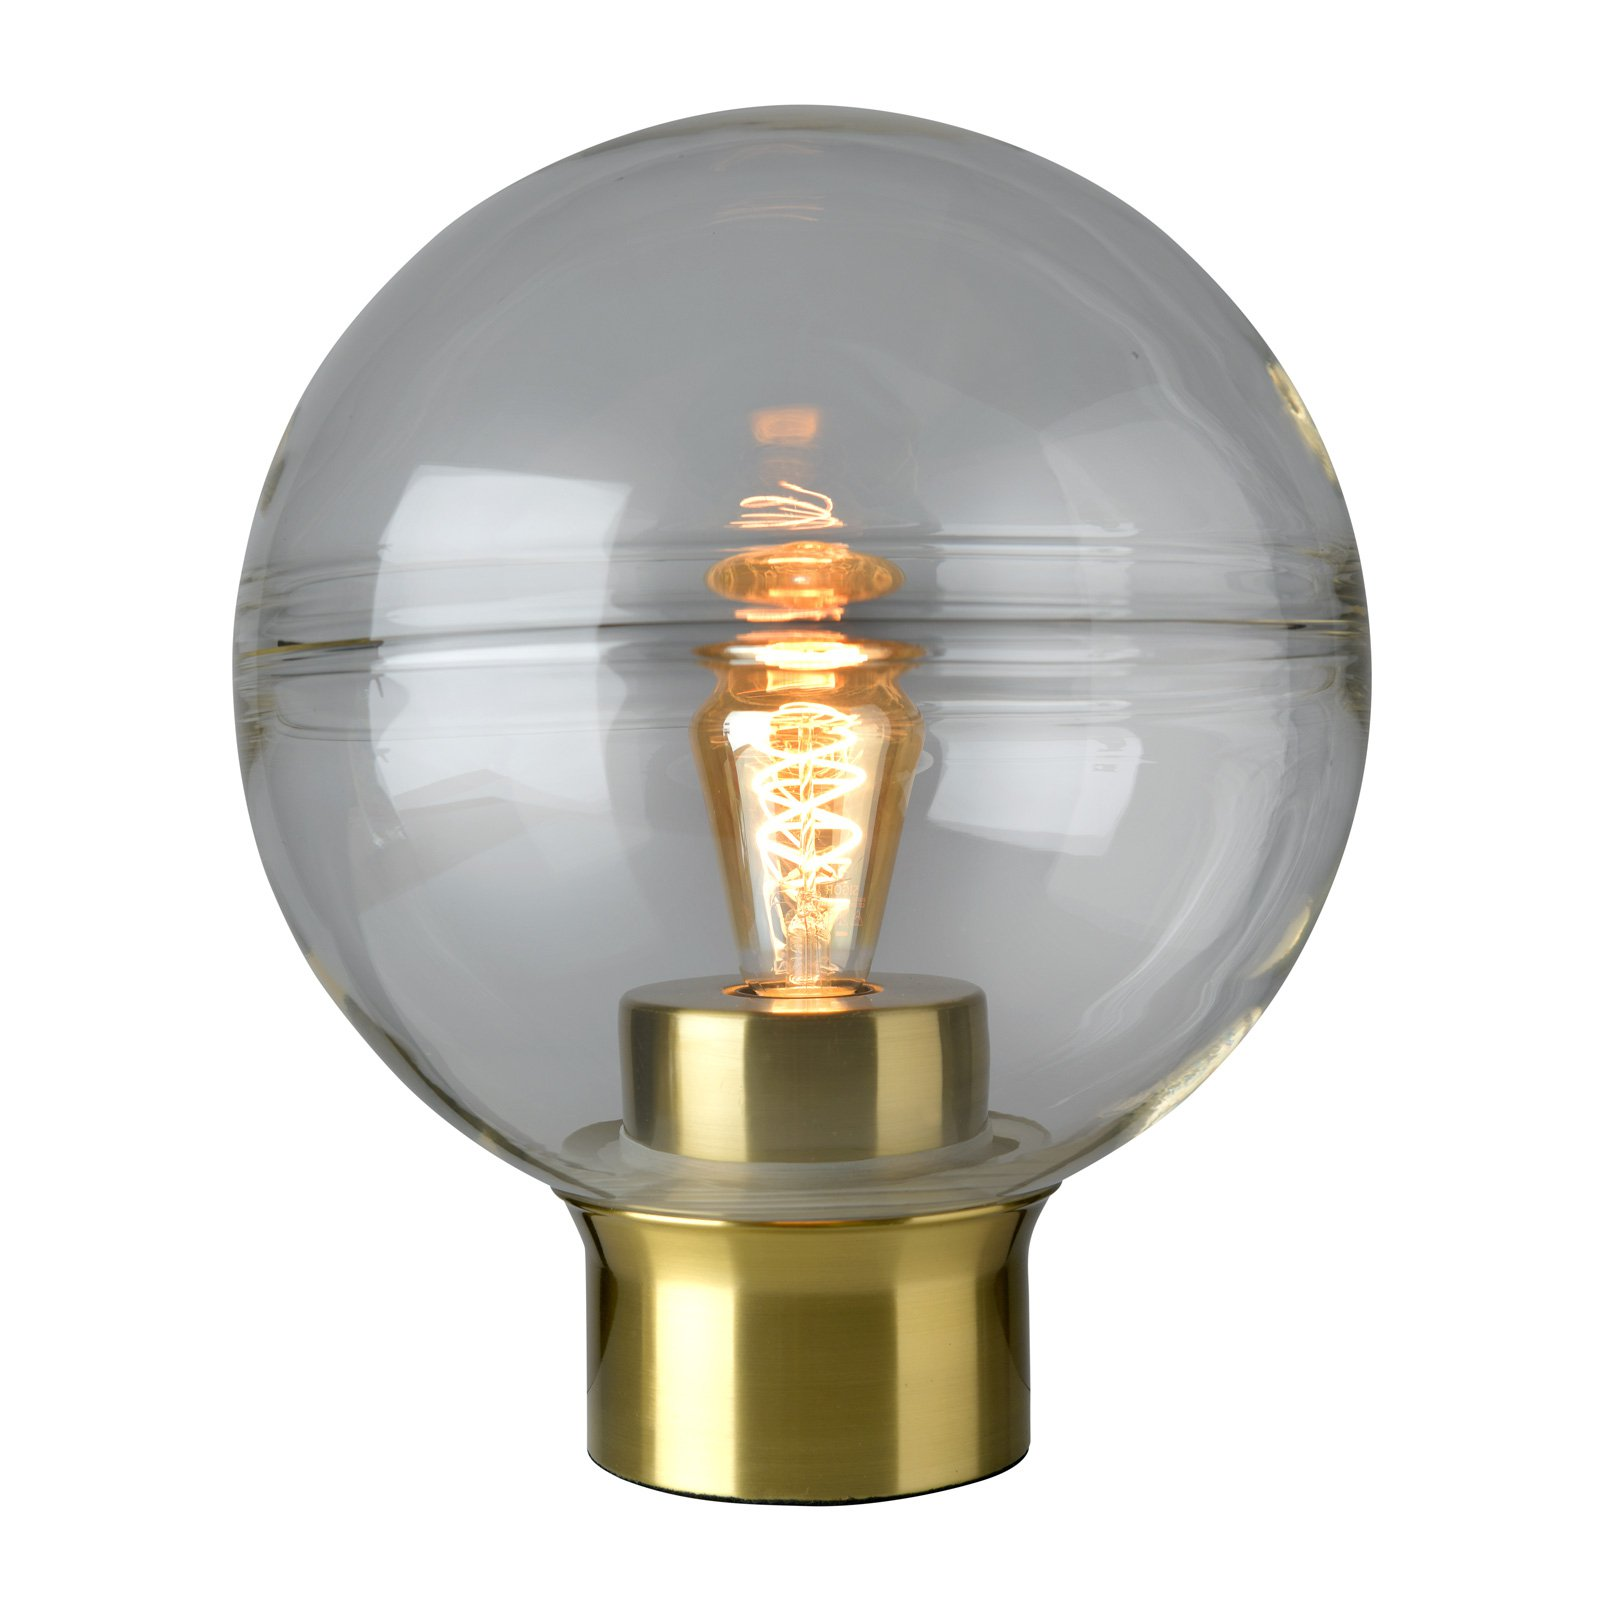 Villeroy & Boch Tokyo-bordlampe, gull Ø 30 cm